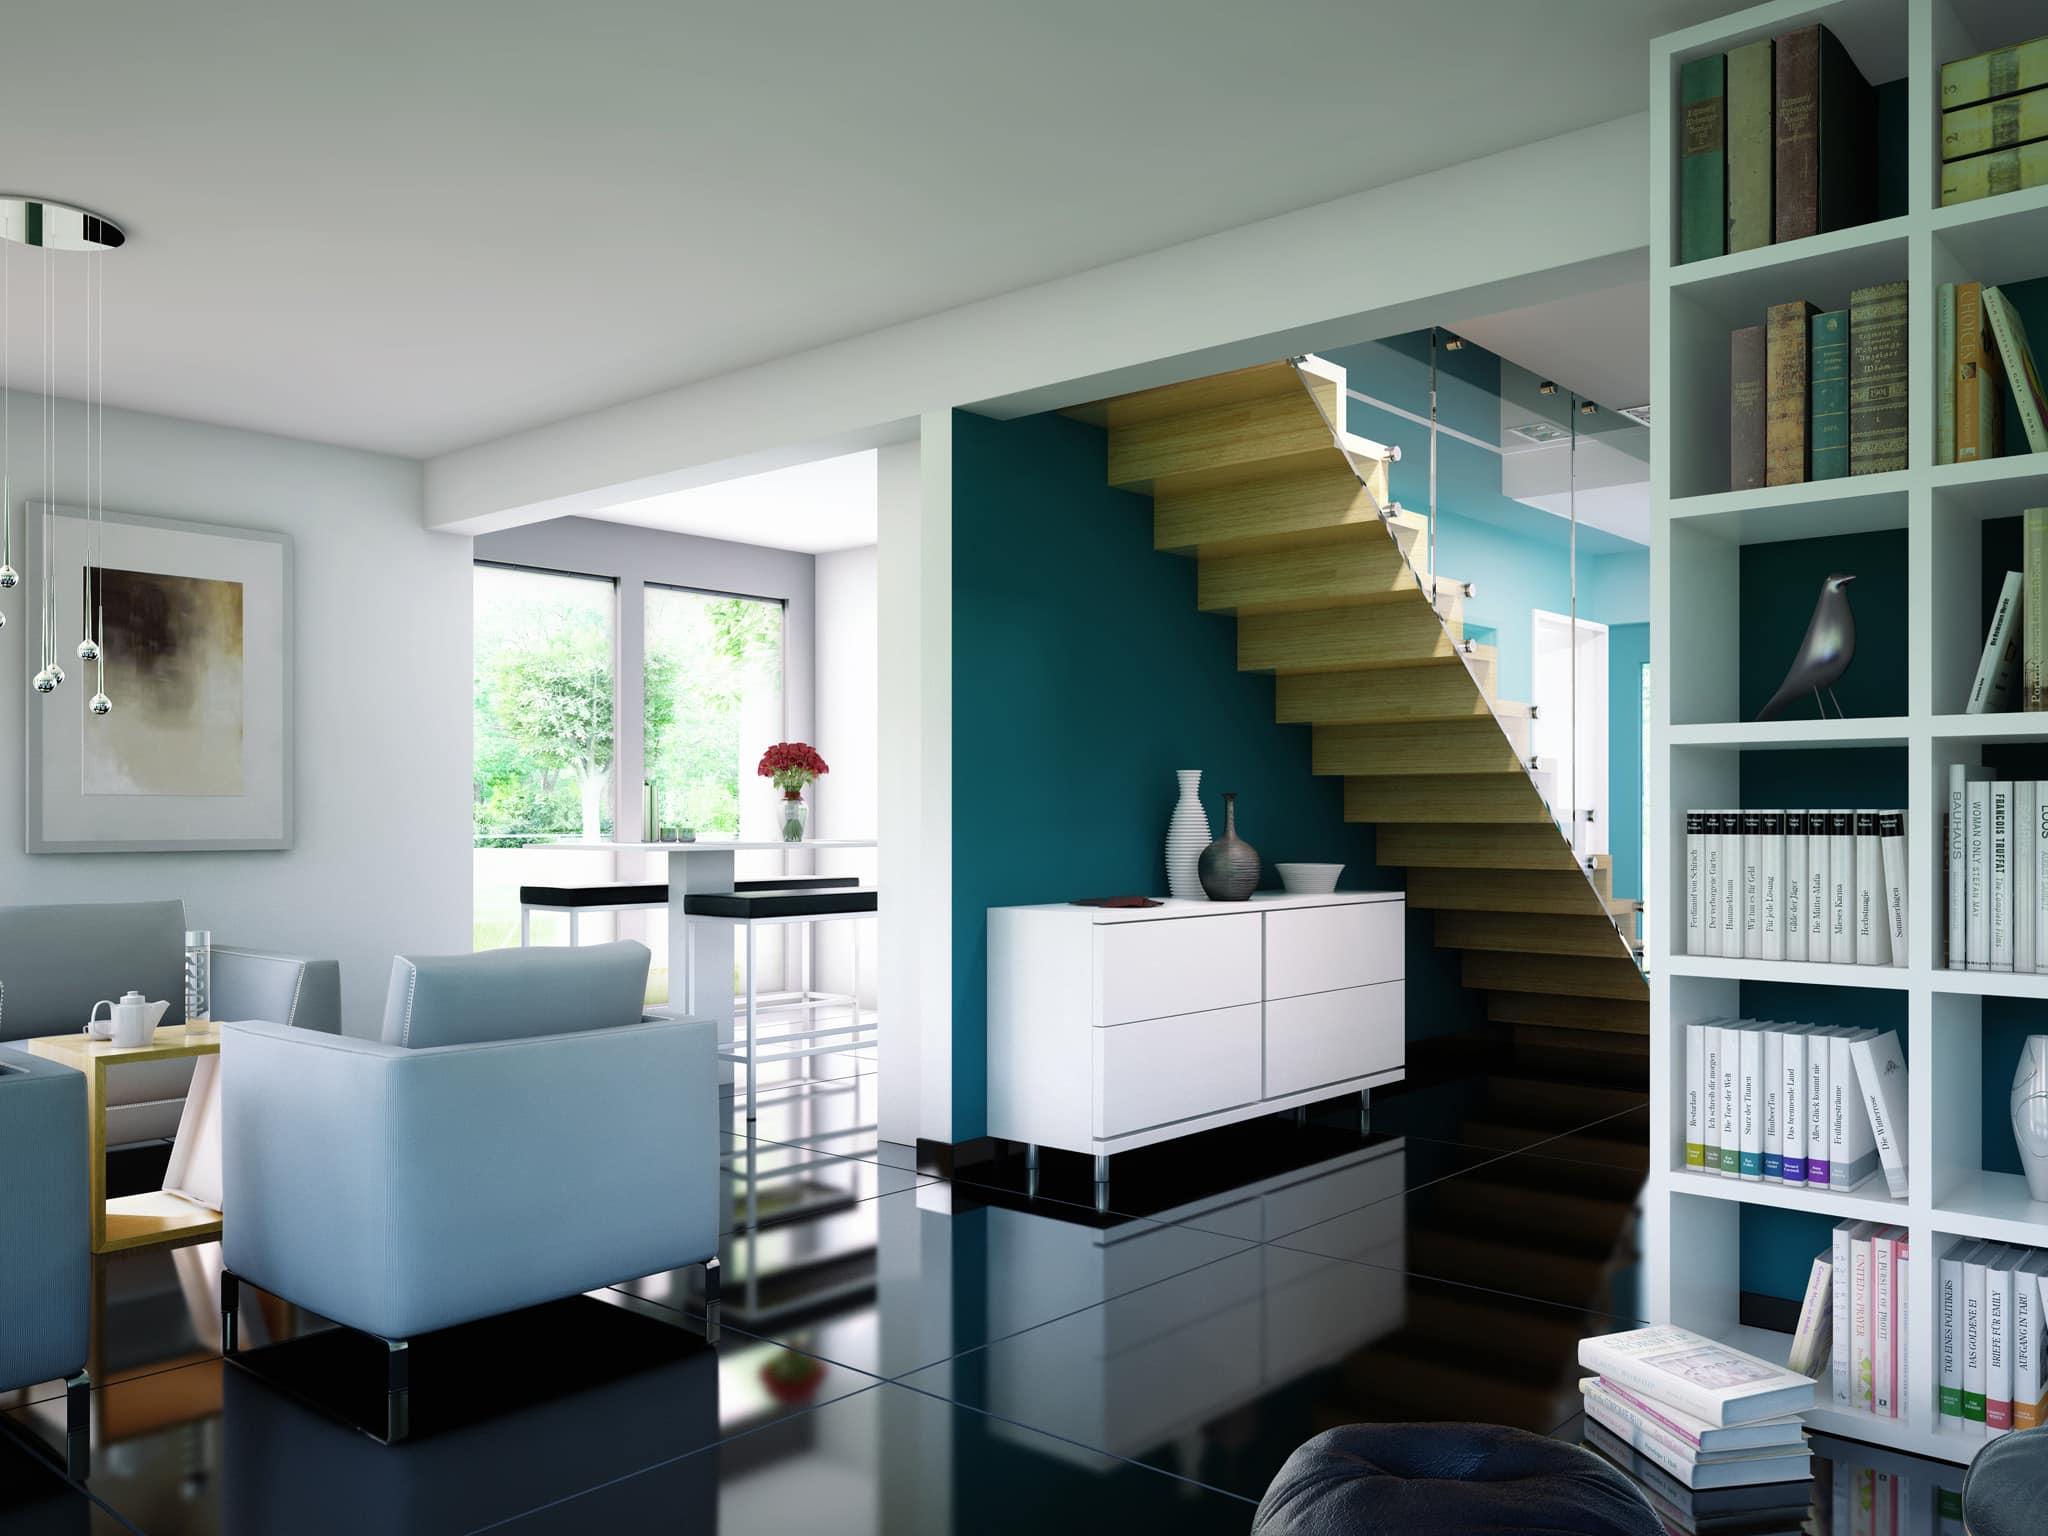 Modernes Wohnzimmer mit Essbereich - Inneneinrichtung Haus Ideen Bien Zenker Fertighaus EVOLUTION 134 V8 - HausbauDirekt.de